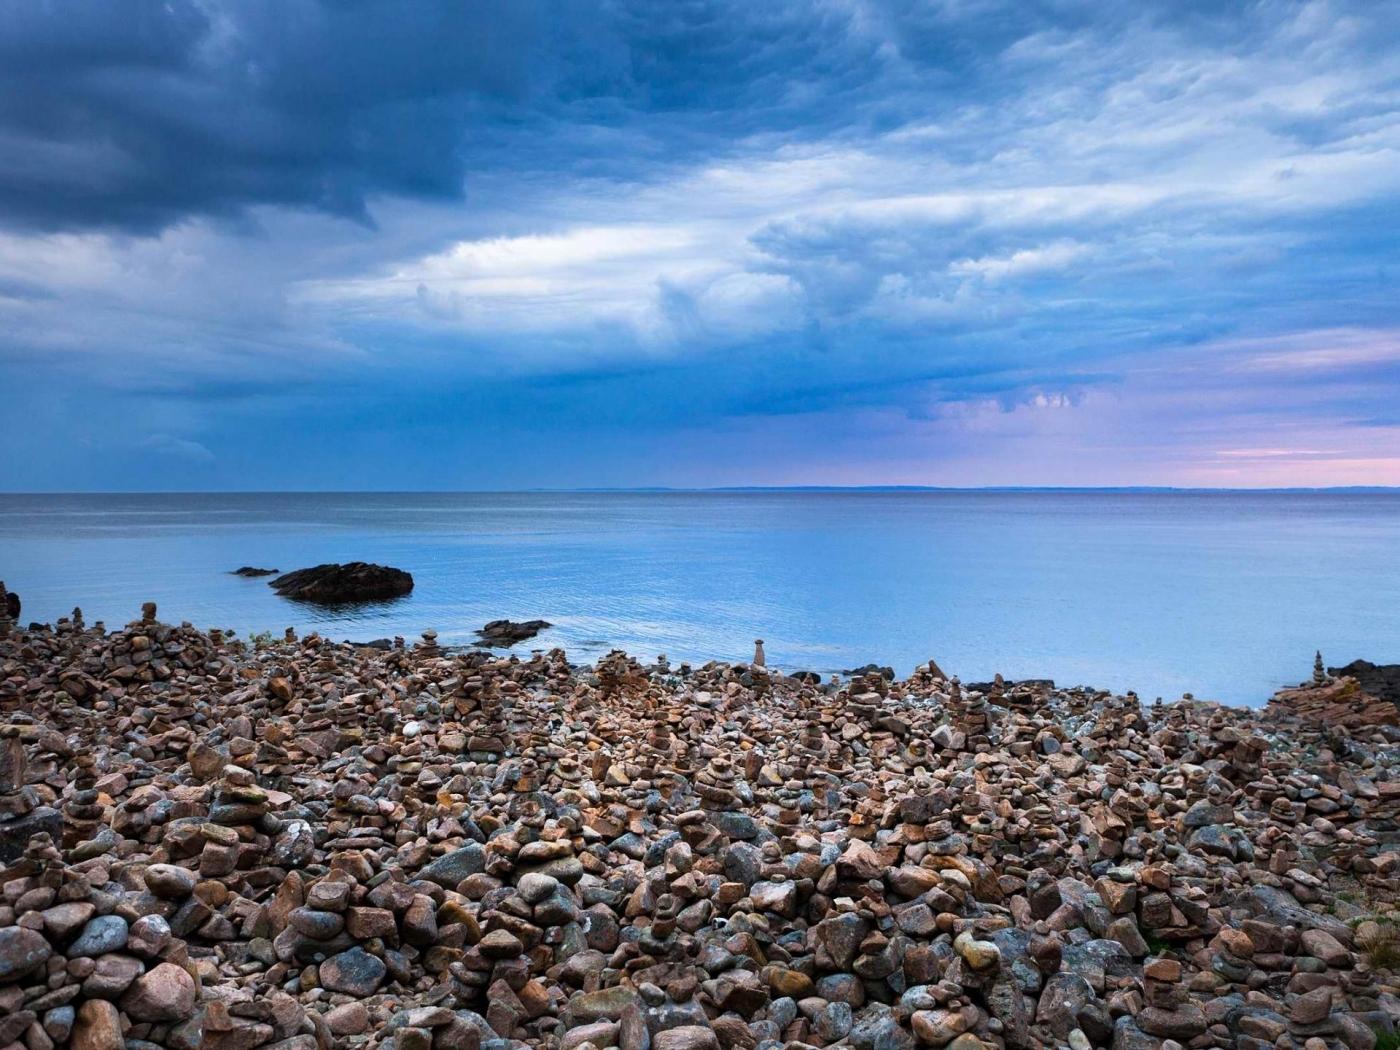 26851 免費下載壁紙 景观, 鹅卵石, 海, 云, 海滩 屏保和圖片